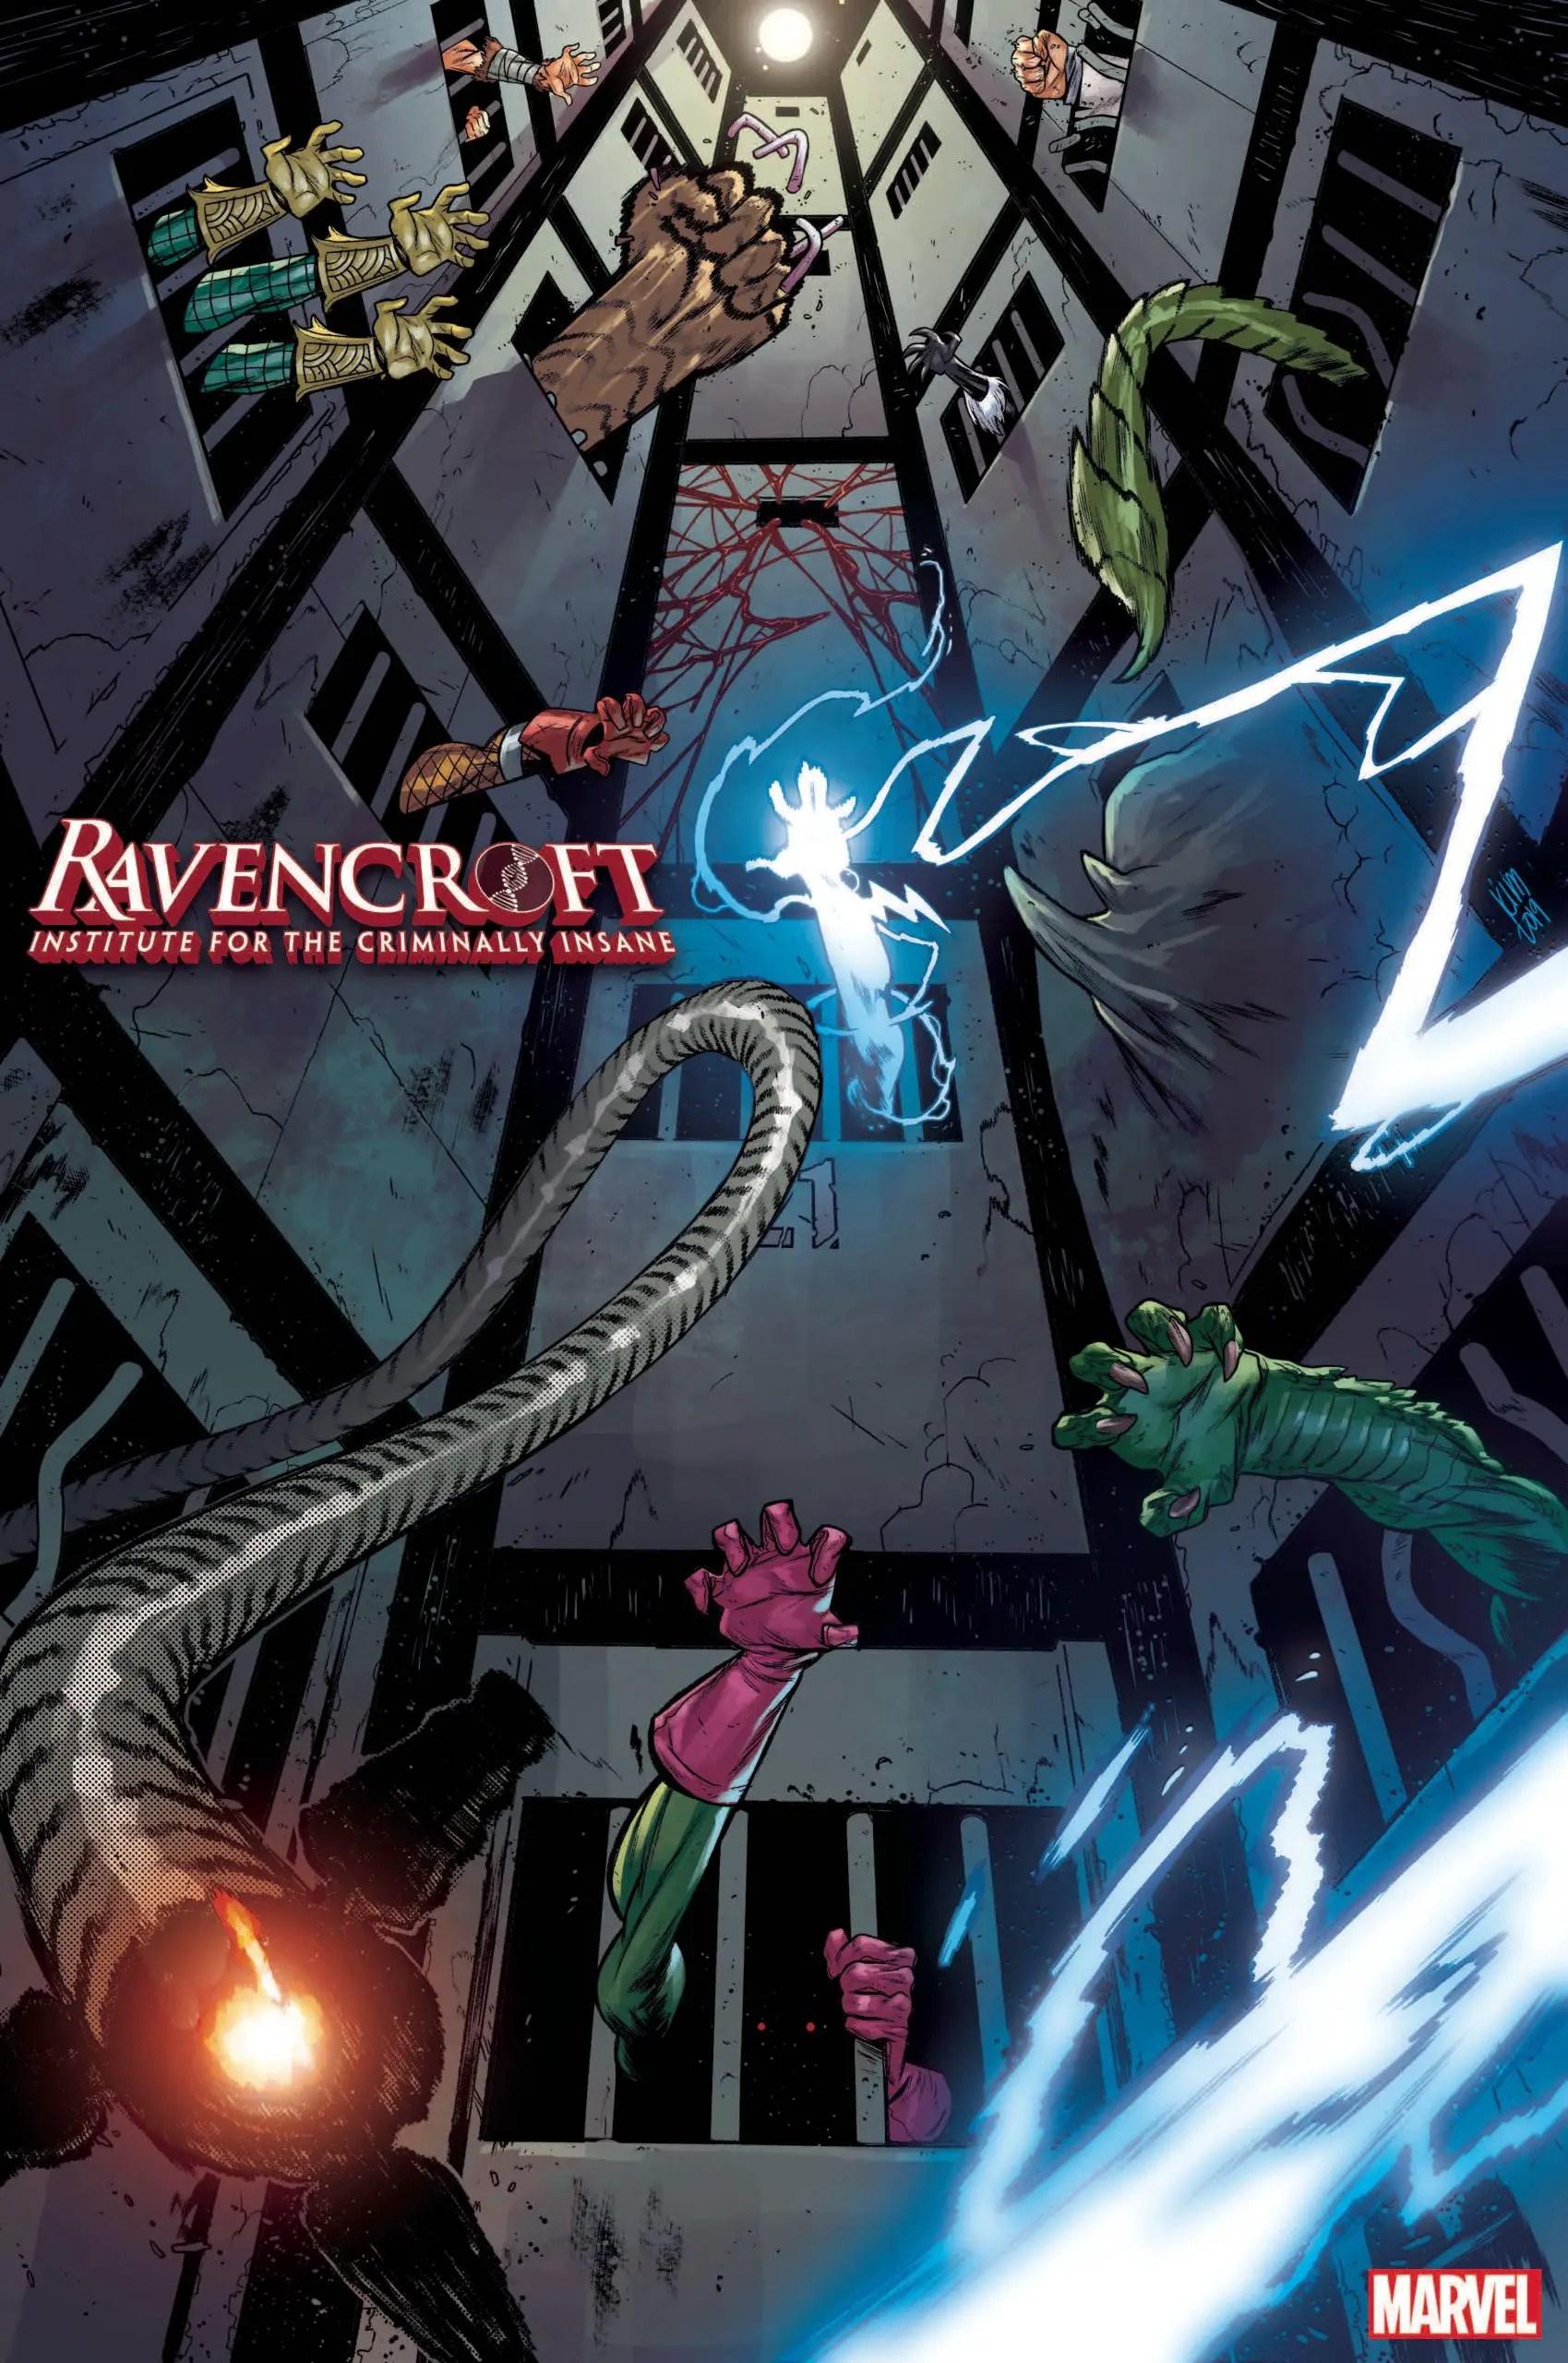 Ravencroft #1 Review